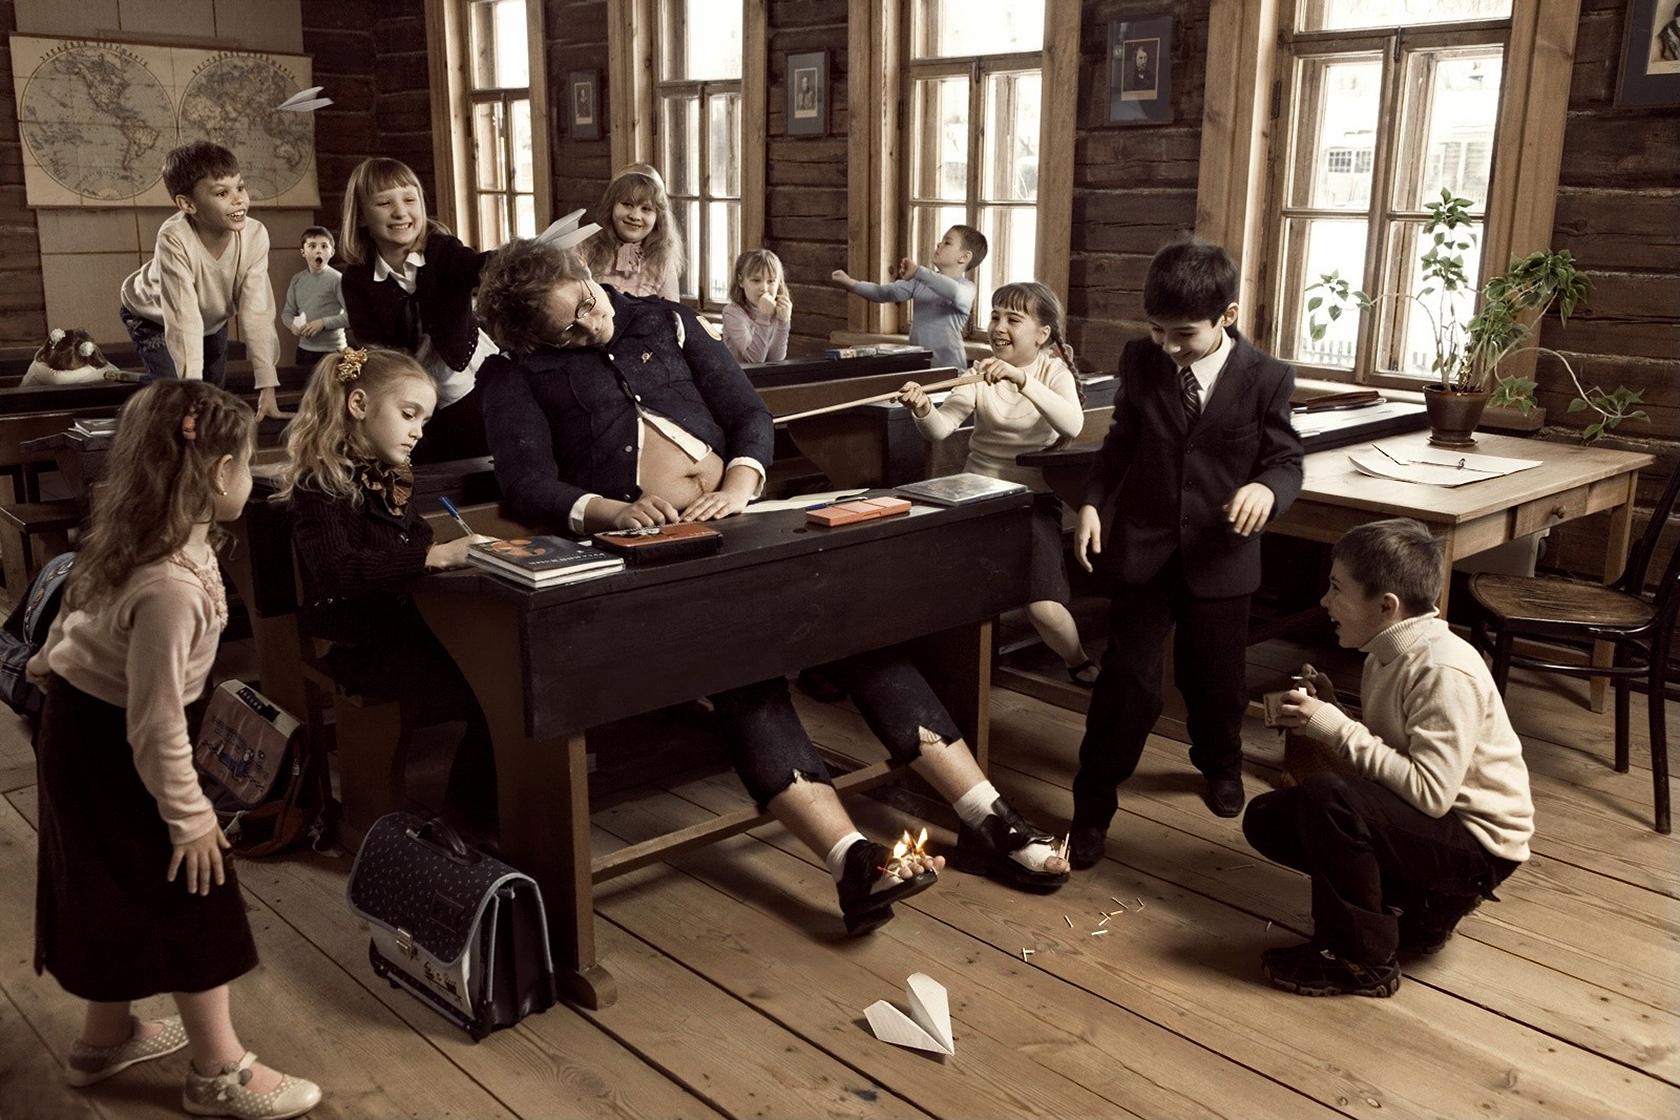 столица, говорит смешные фото и картинки про школу временем